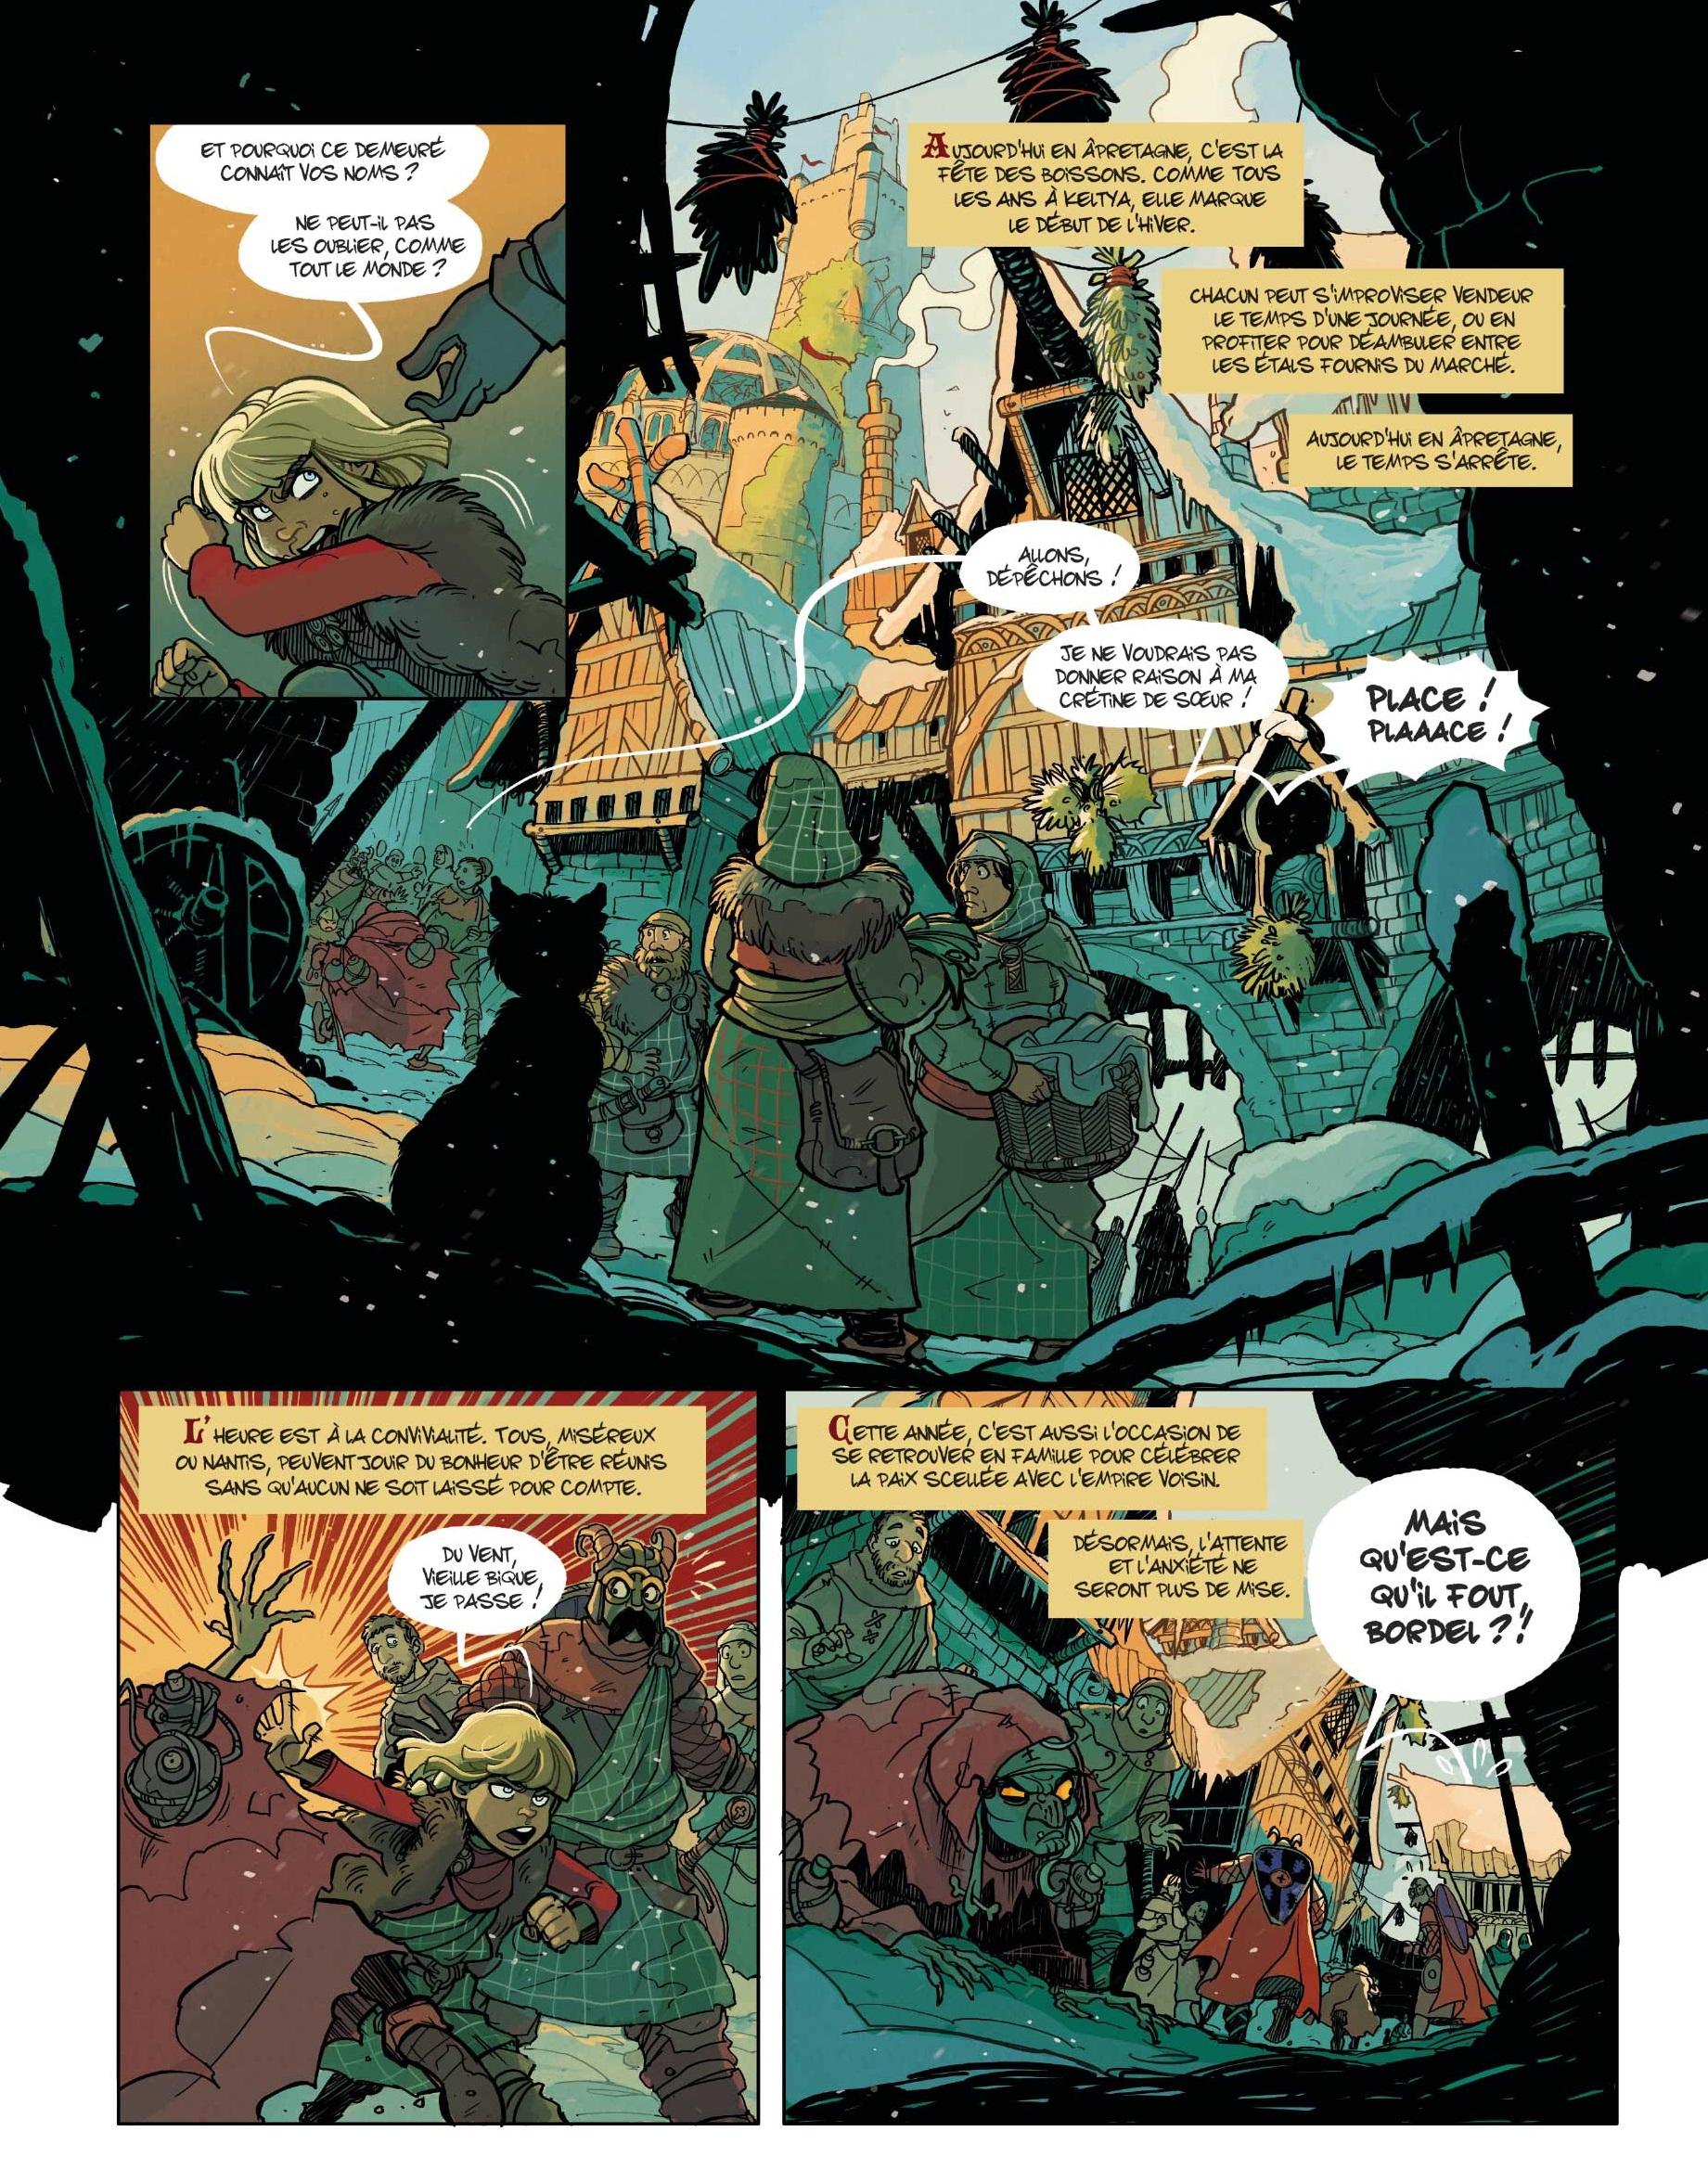 Les lames d'Apretagne T 1 page 13